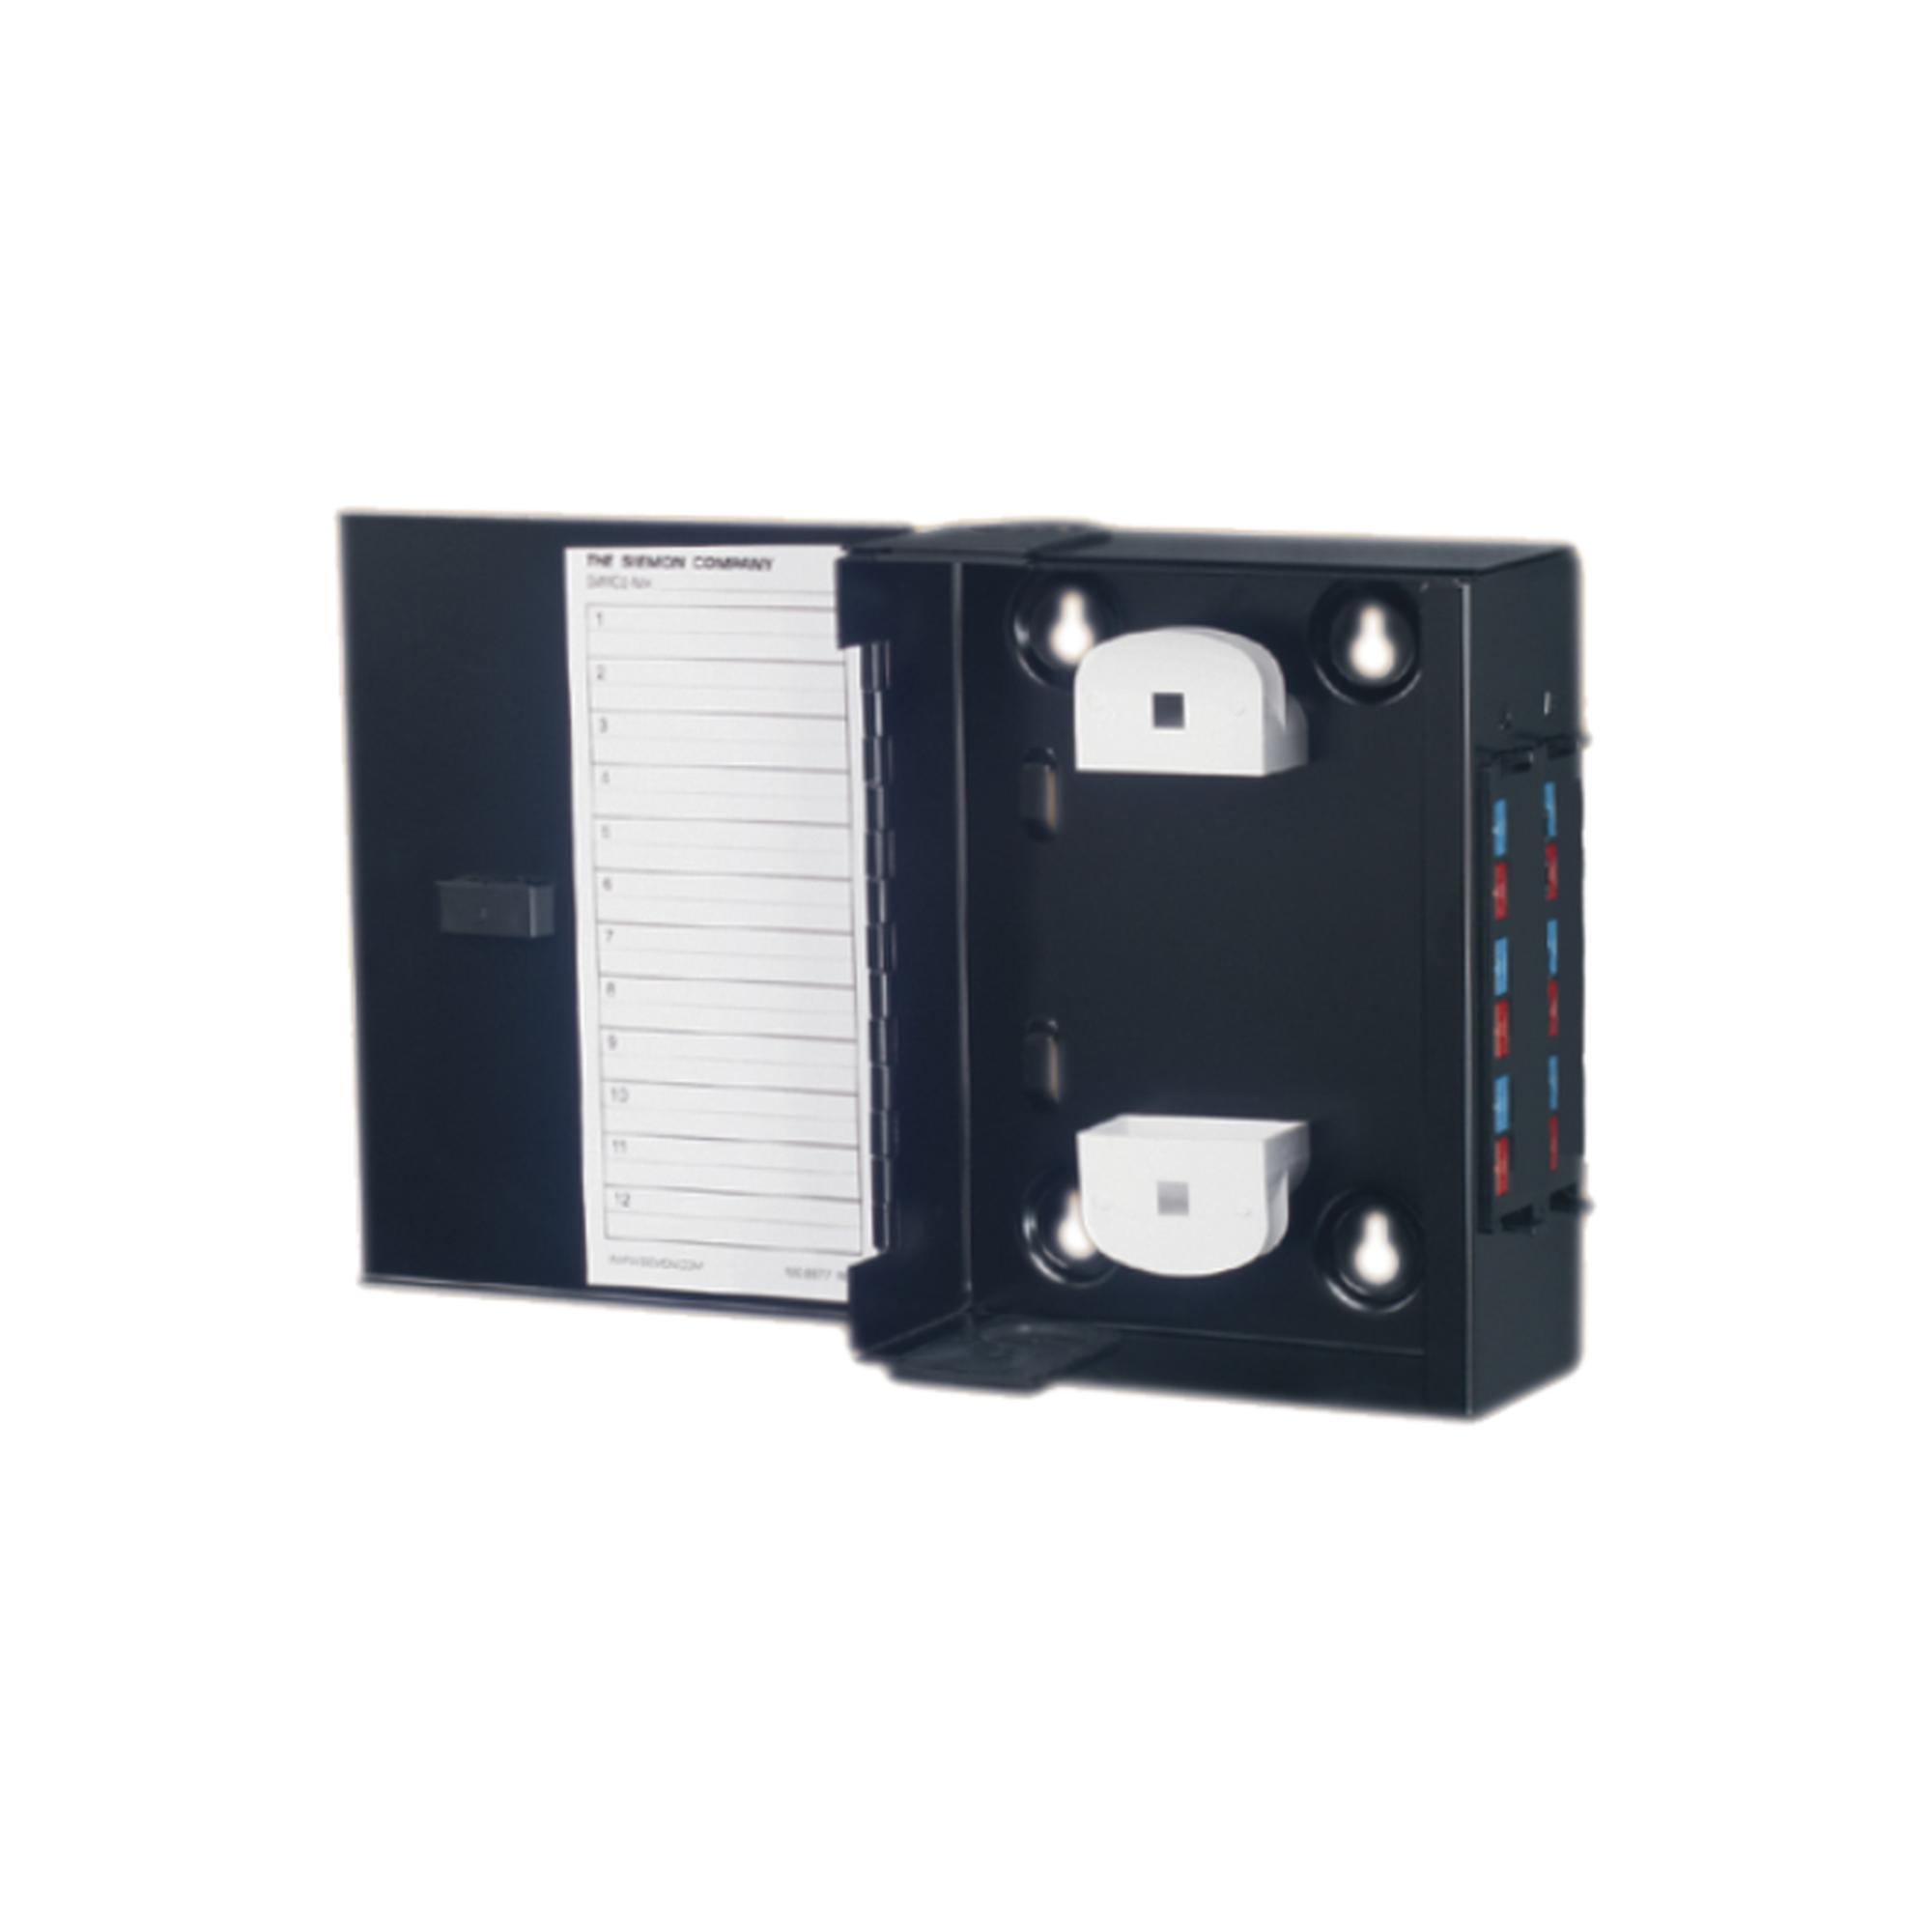 Mini Caja de Conexión de Fibra óptica, Para Montaje en Pared, Hasta 48 Puertos LC (Acepta Dos Placas Acopladoras), Color Negro